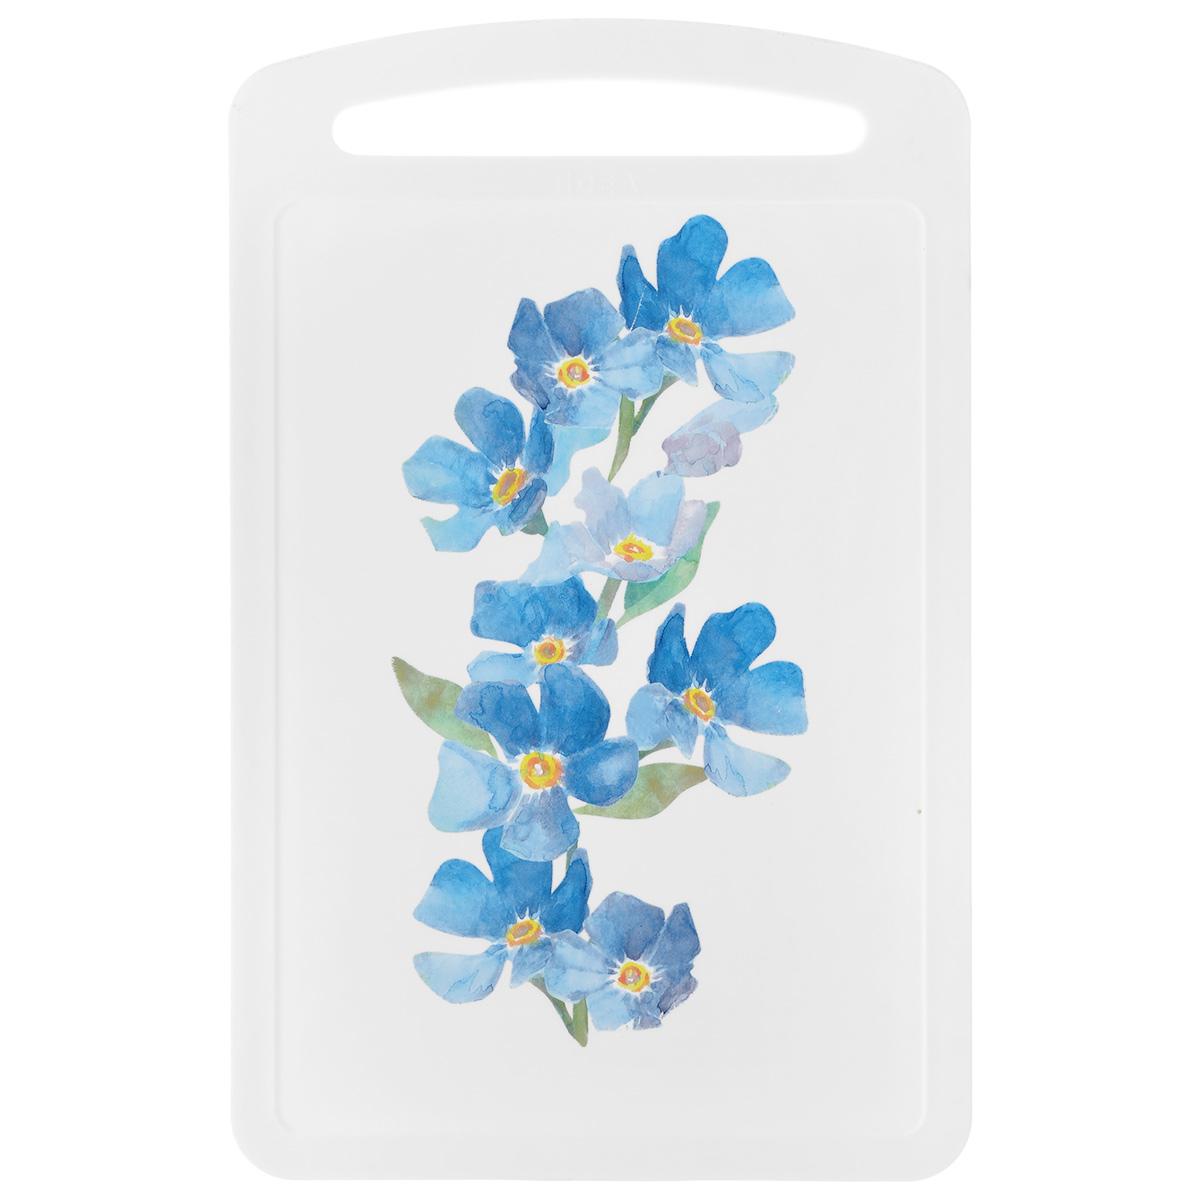 Доска разделочная Idea Голубые цветы, 27,5 см х 17 см68/5/4Разделочная доска Idea Голубые цветы изготовлена из высококачественного пищевого пластика с красивым цветочным рисунком. Изделие снабжено ручкой и желобками по краю для стока жидкости.